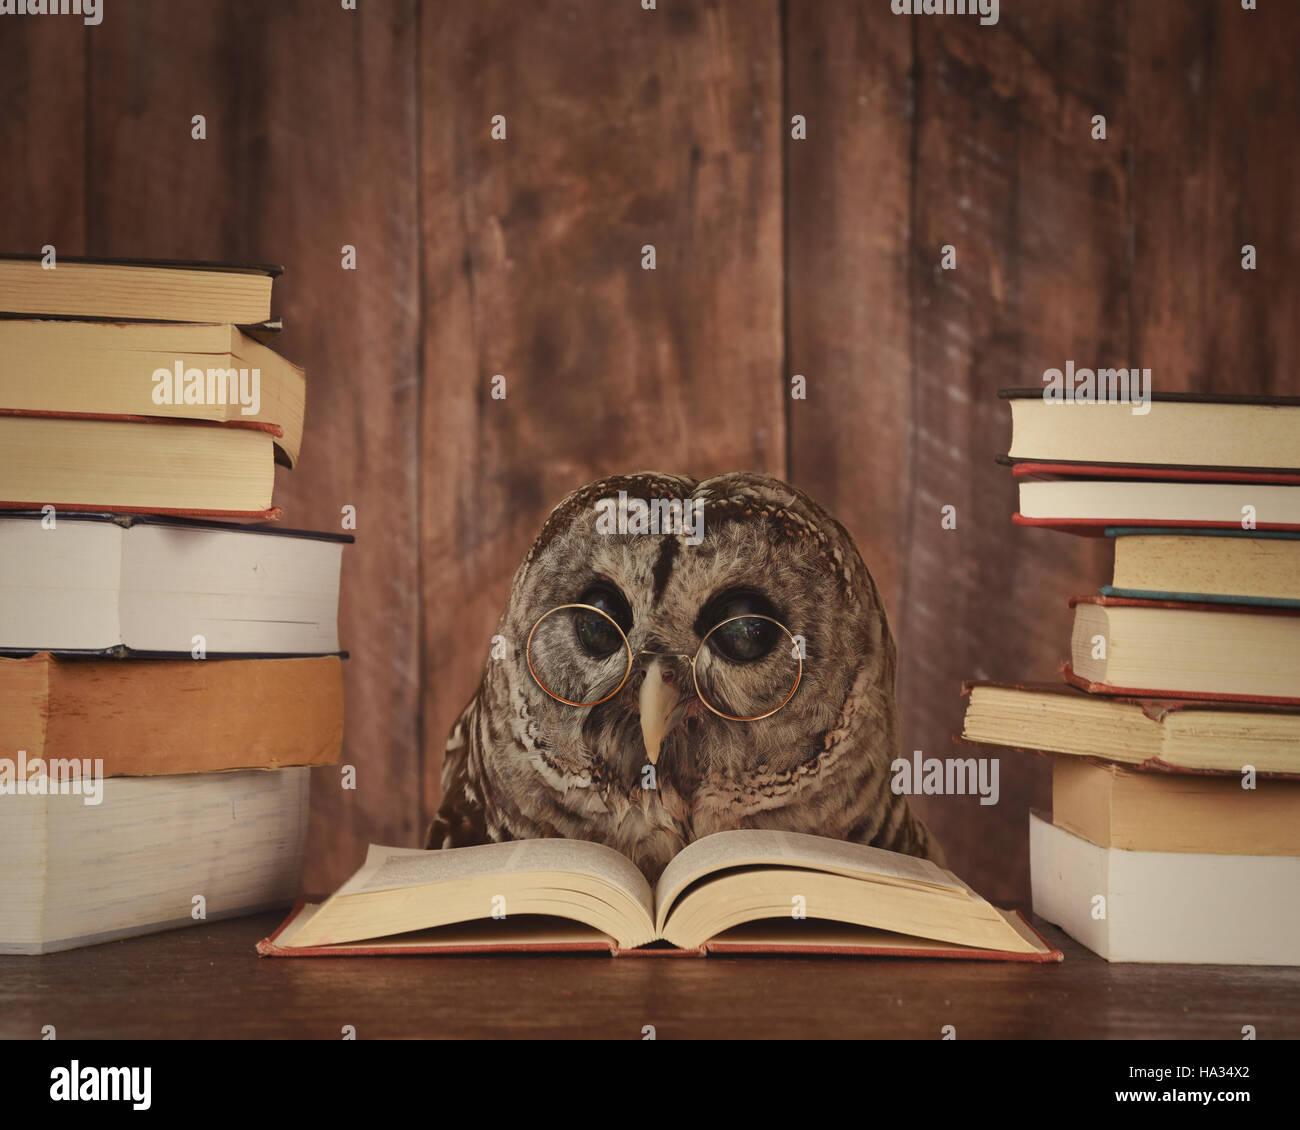 Animal d'une Chouette à lunettes est en train de lire un livre dans les bois pour une éducation scolaire ou concept. Banque D'Images